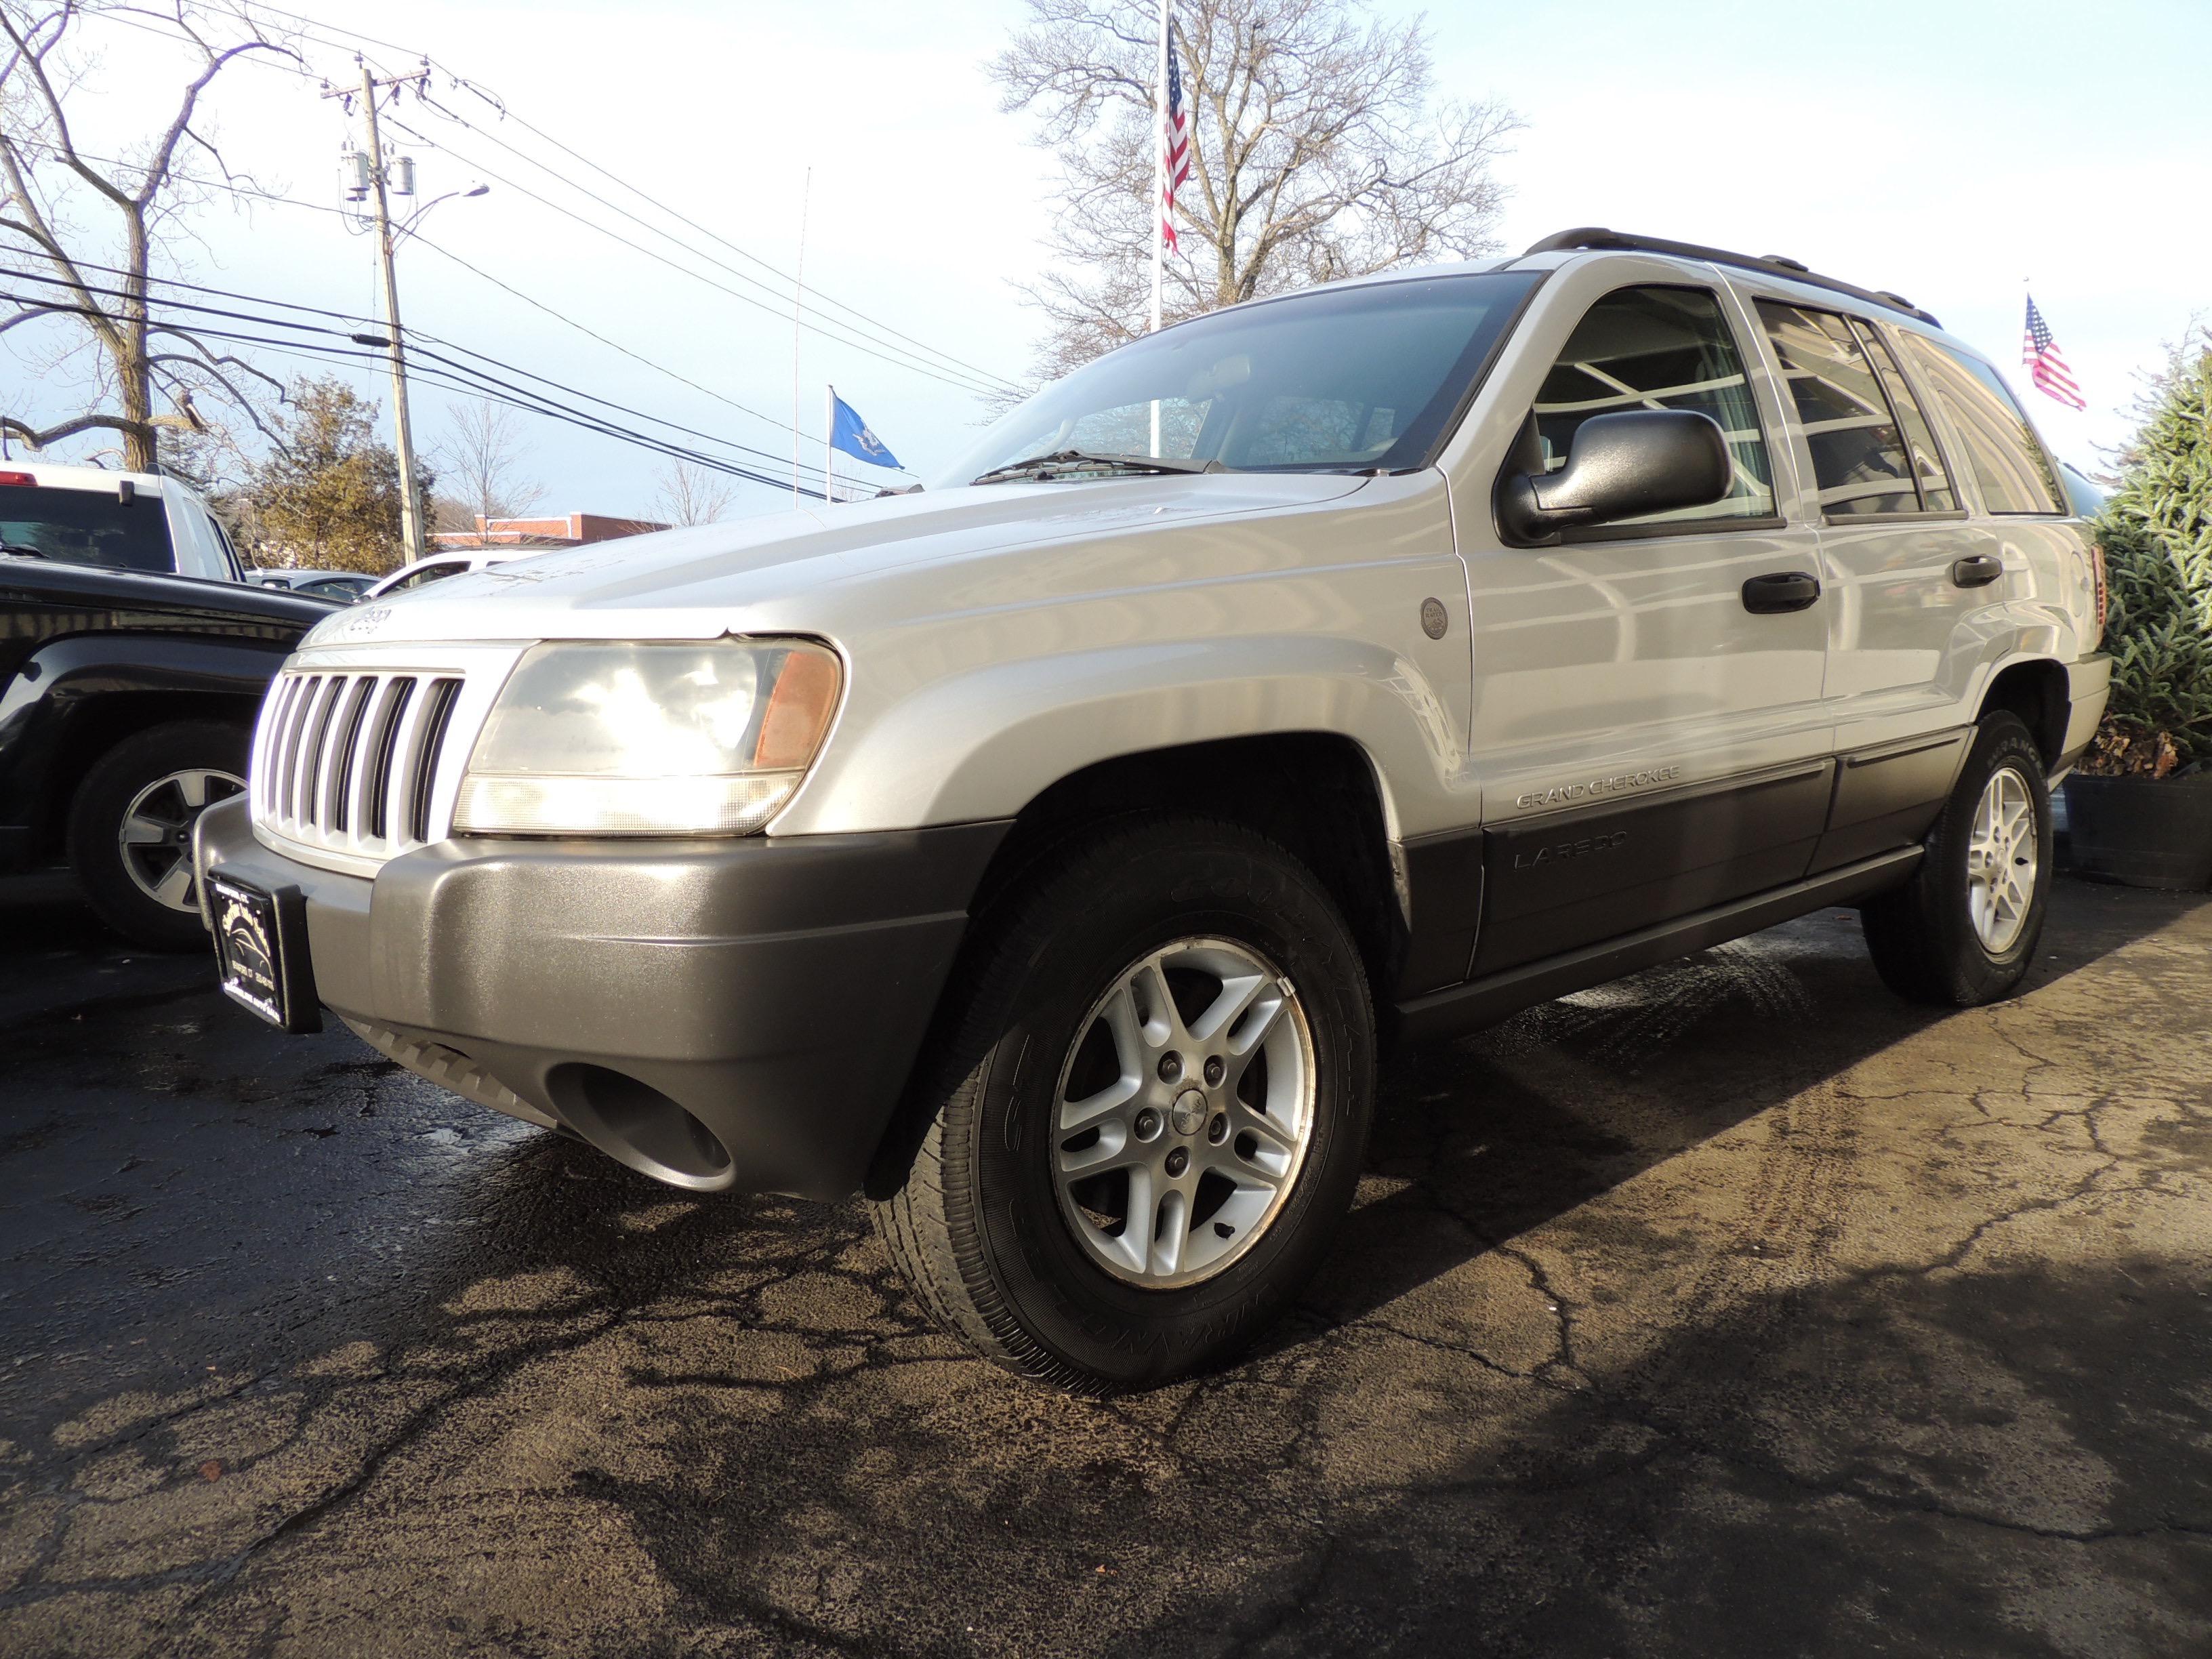 Jeeps For Sale In Ct >> 2003 Jeep Grand Cherokee Laredo | Shoreline Auto Sales